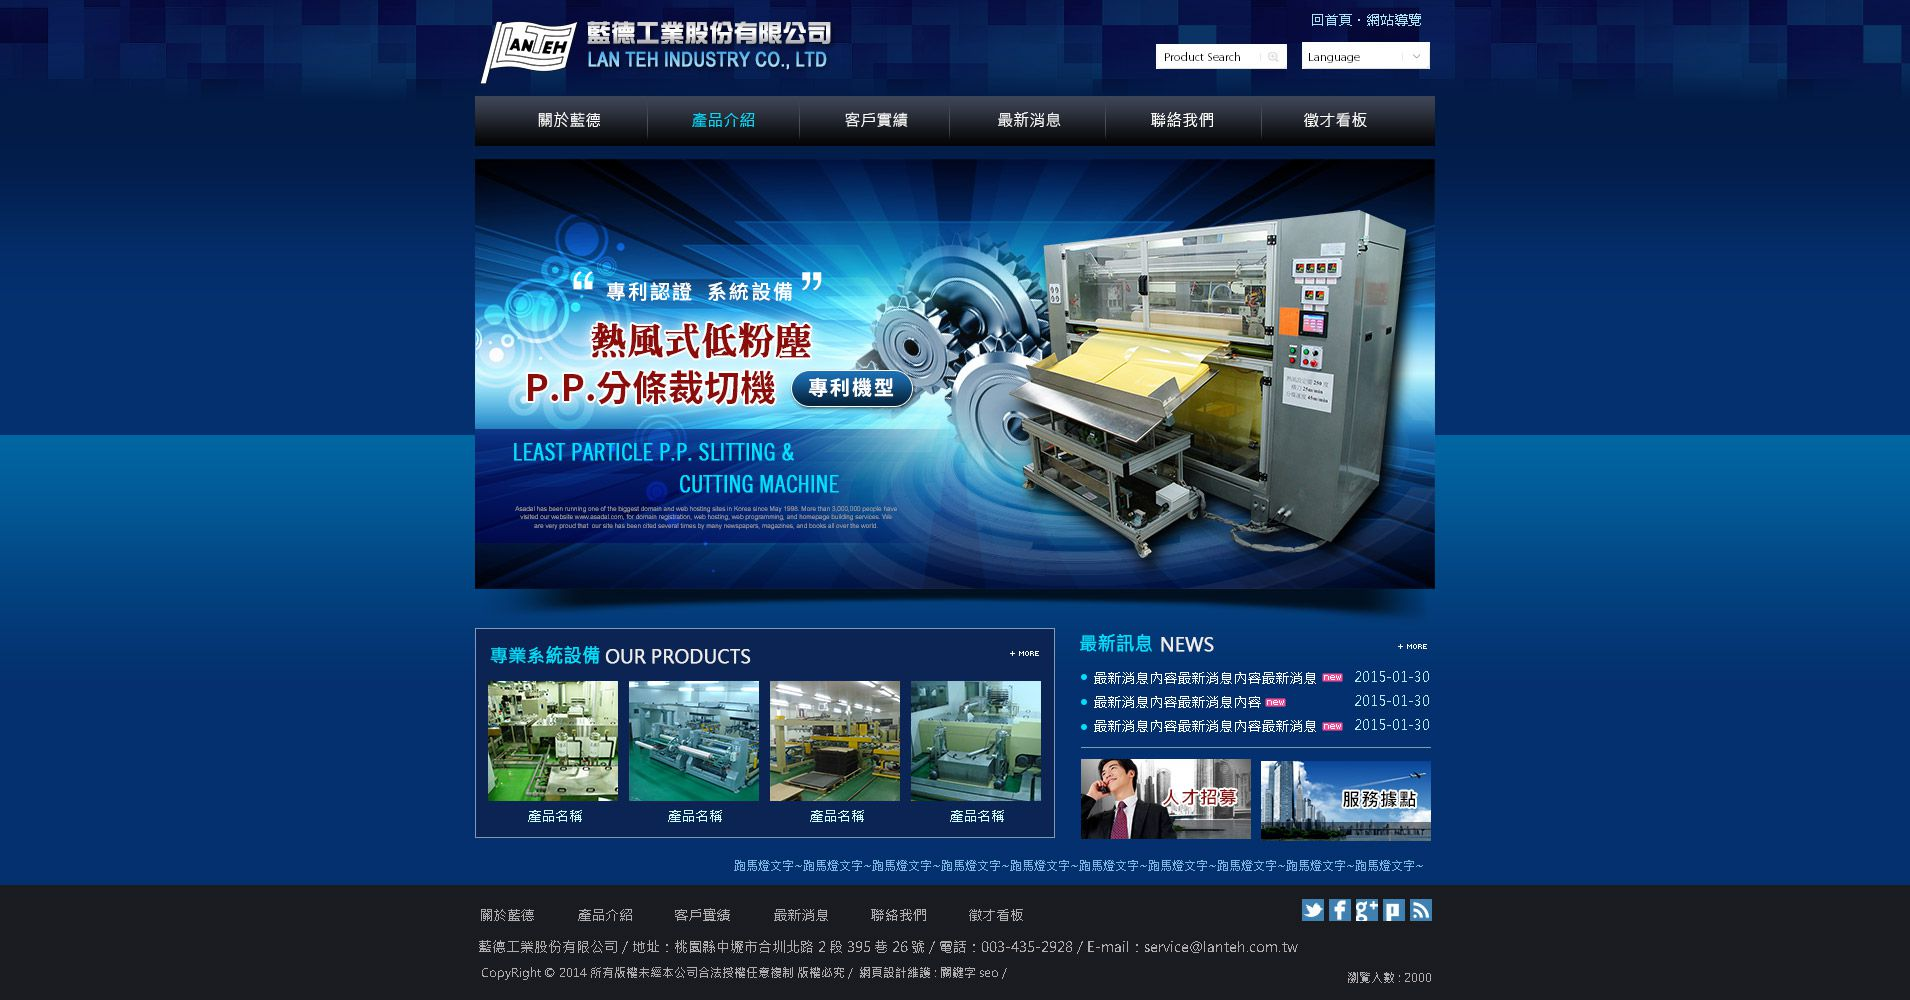 蘭德工業網頁設計-seo關鍵字排名 | 網頁設計超值特惠方案 | seo 網站優化 | 蘋果seo關鍵字-蘭德工業網頁設計